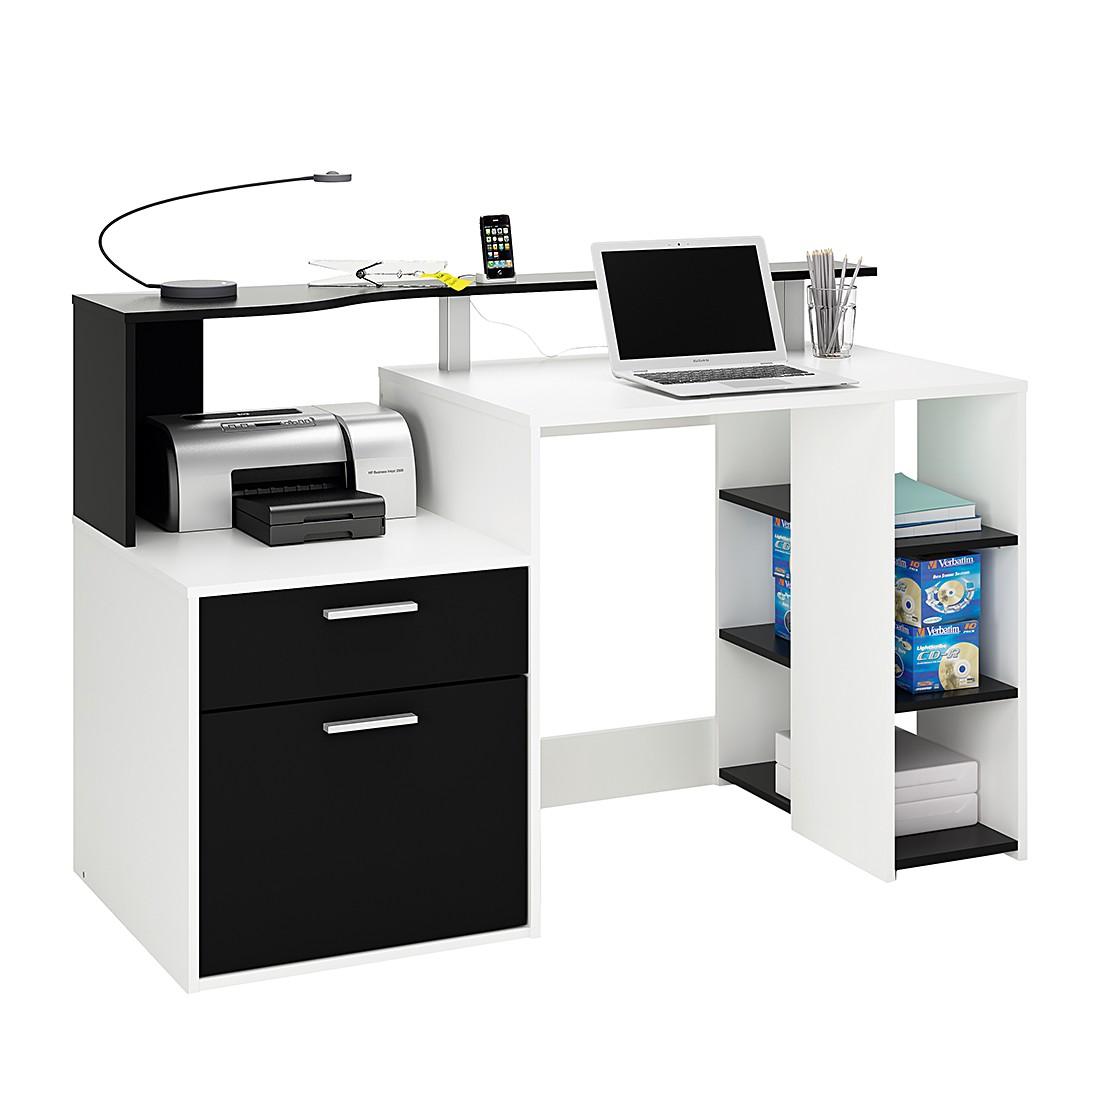 home24 Schreibtisch Marseille | Büro > Bürotische | Schwarz | Holz | mooved